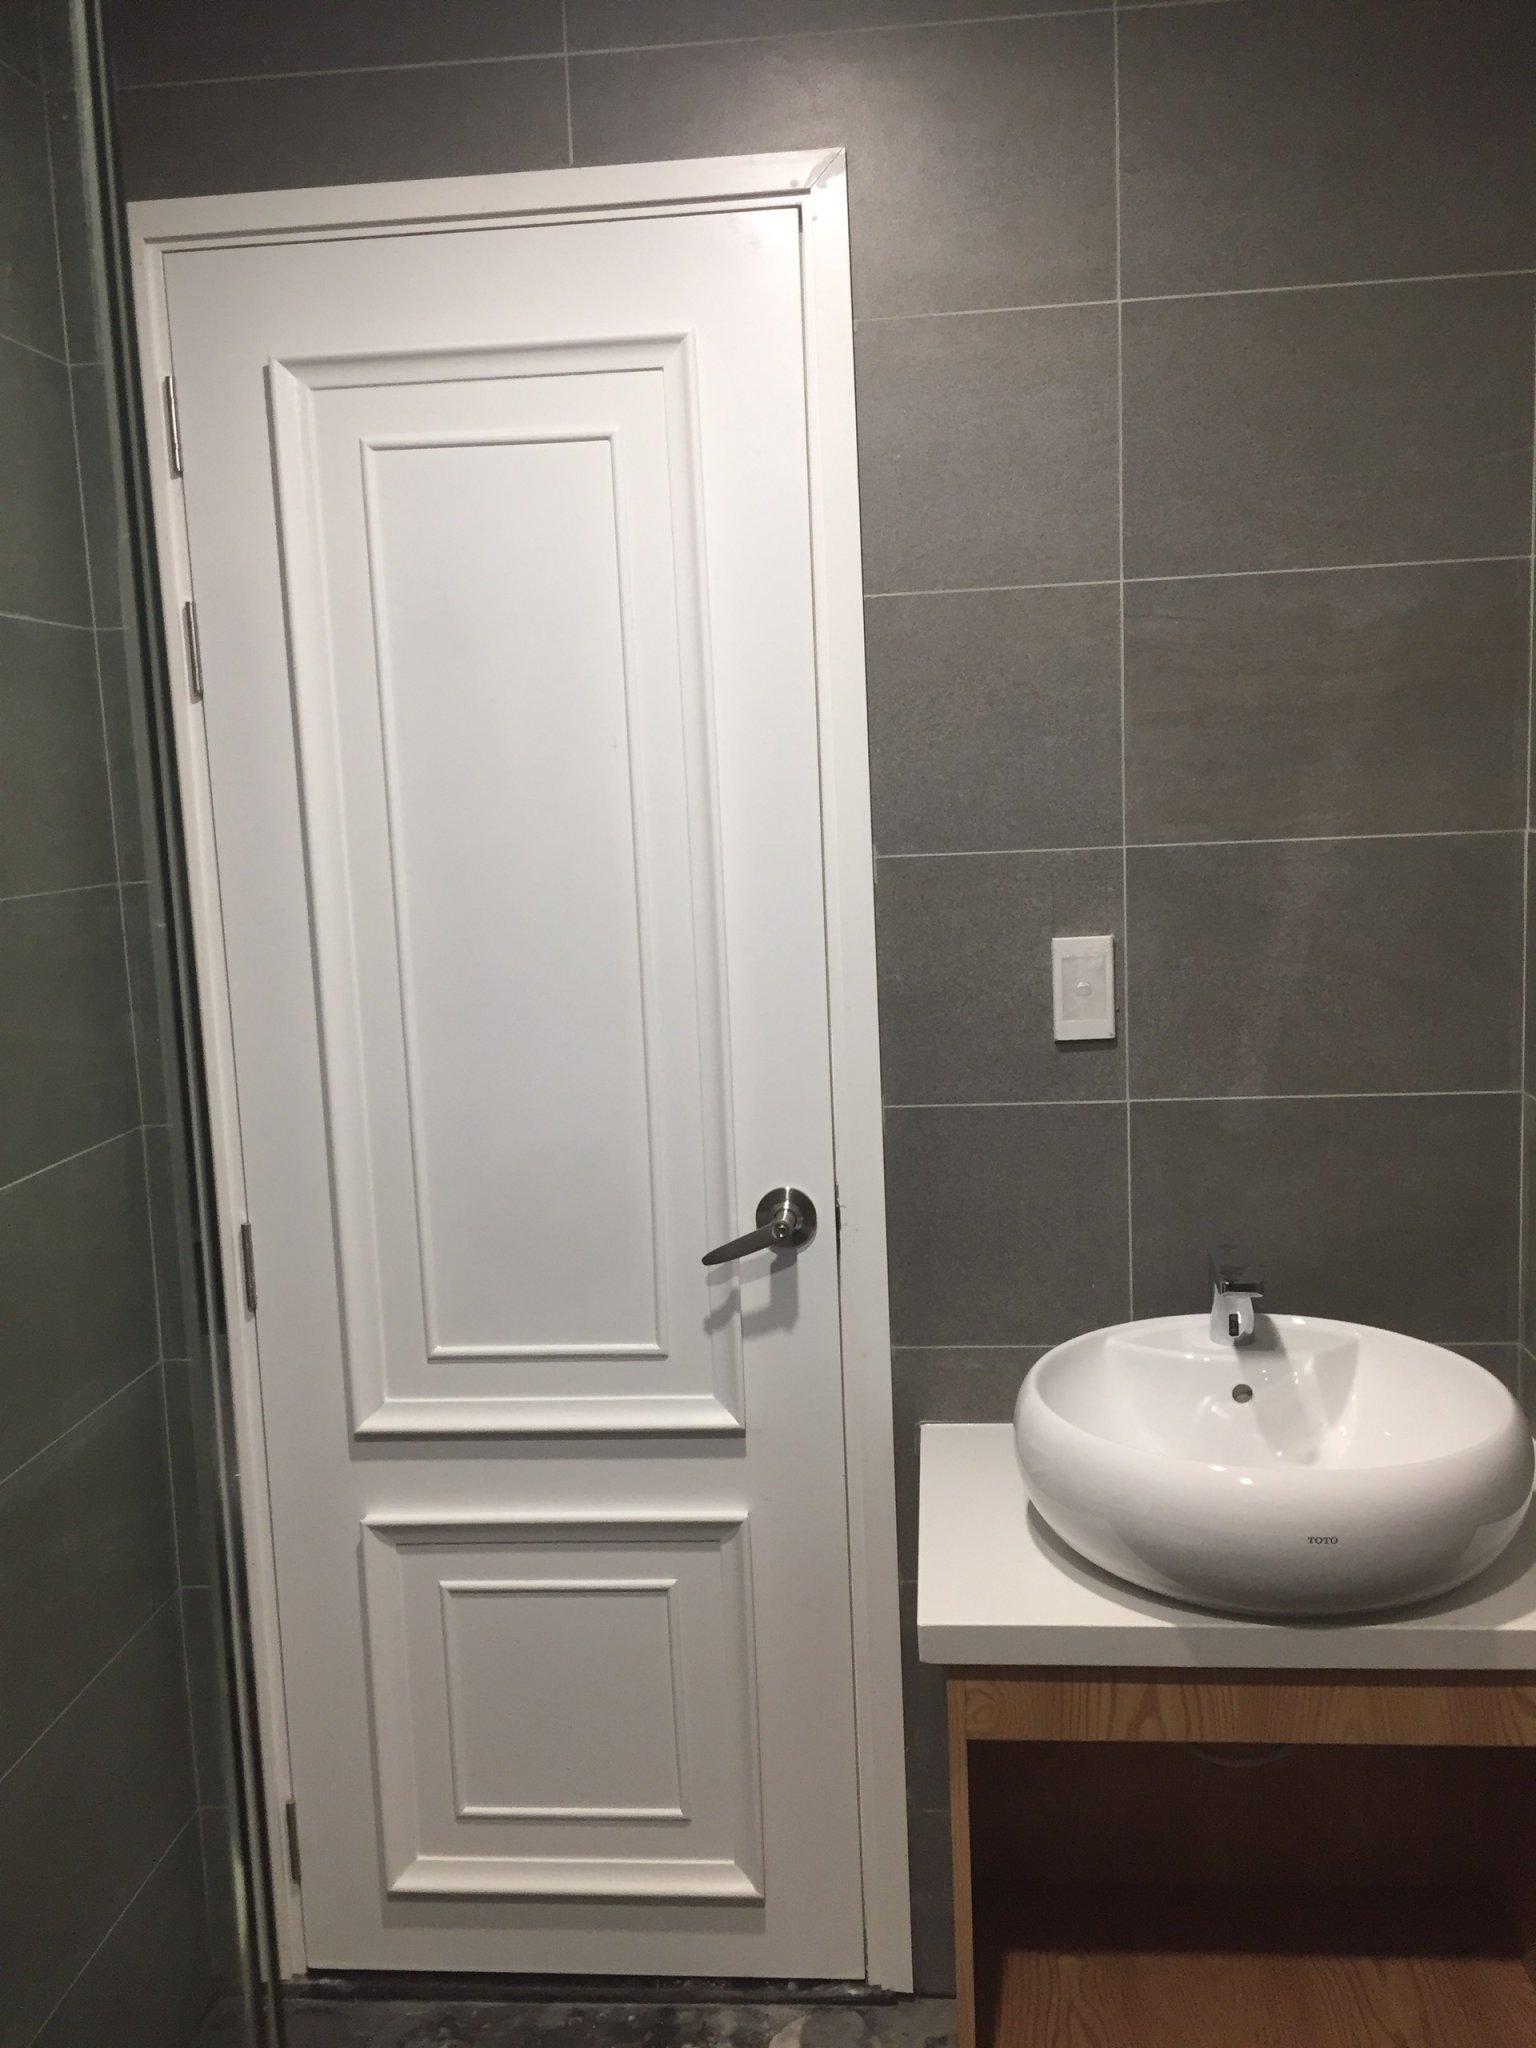 Mẫu cửa nhựa Composite sơn PU chạy chỉ nổi tan cổ điển.